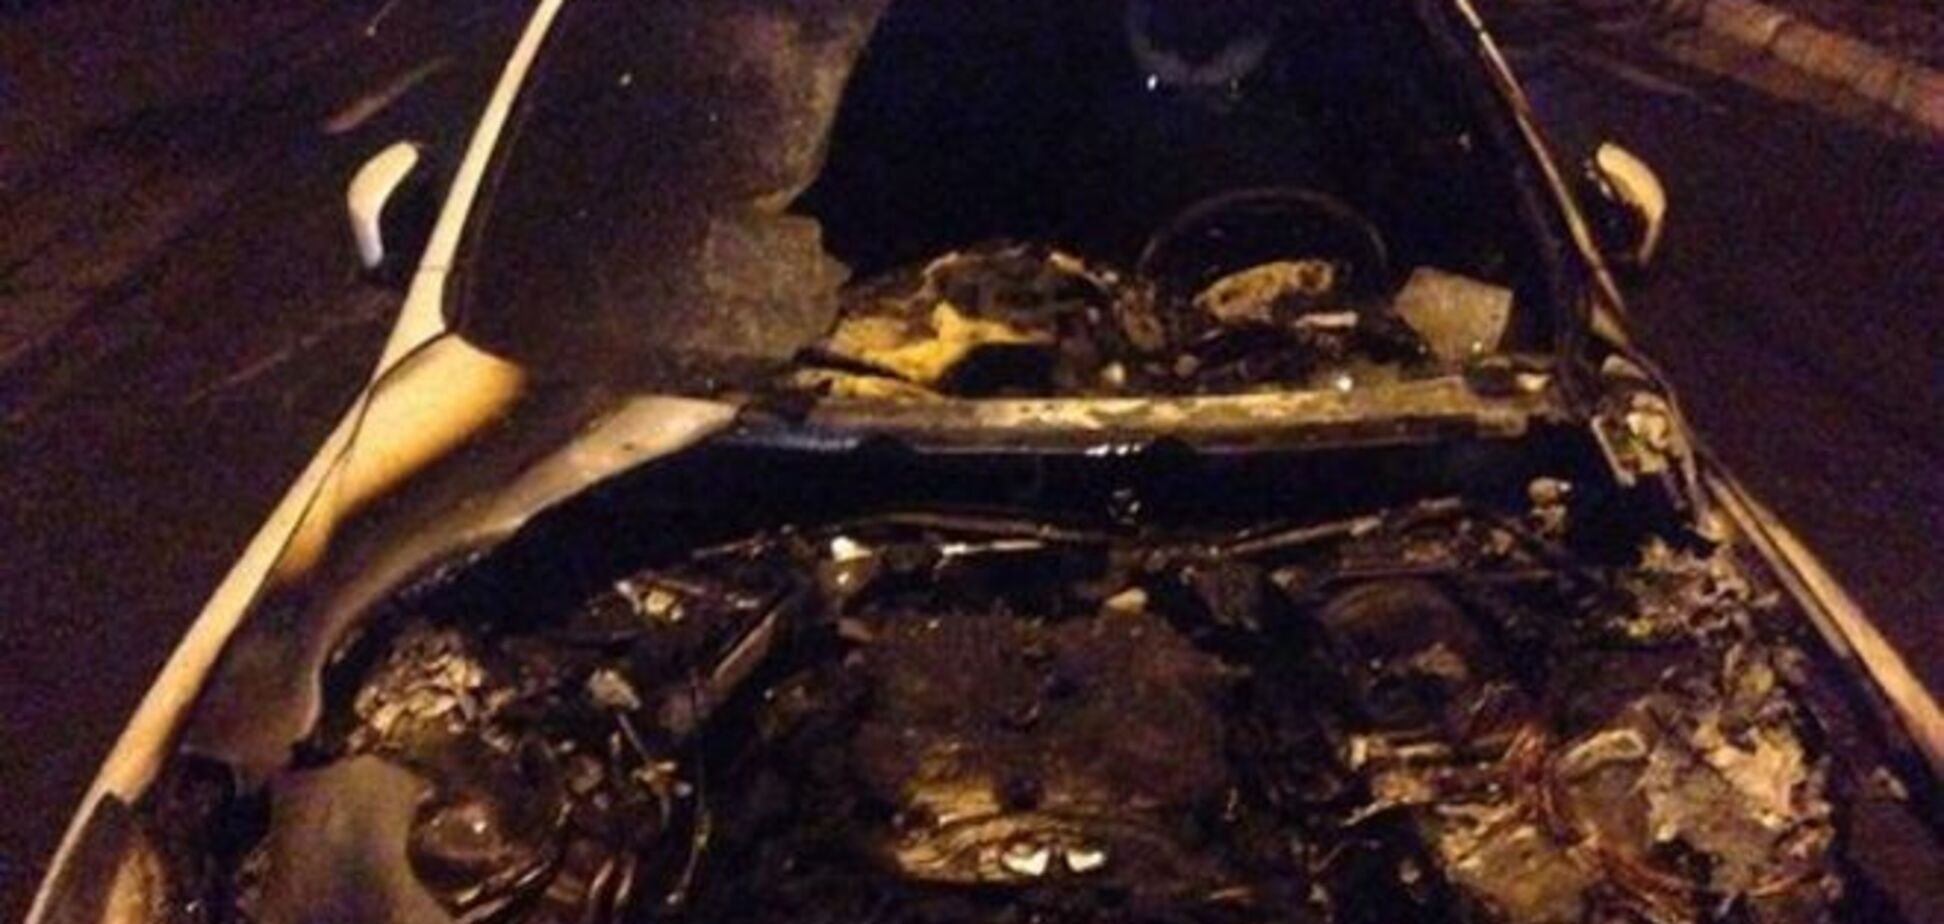 На Донеччині підірвали автомобіль. Загинув чоловік